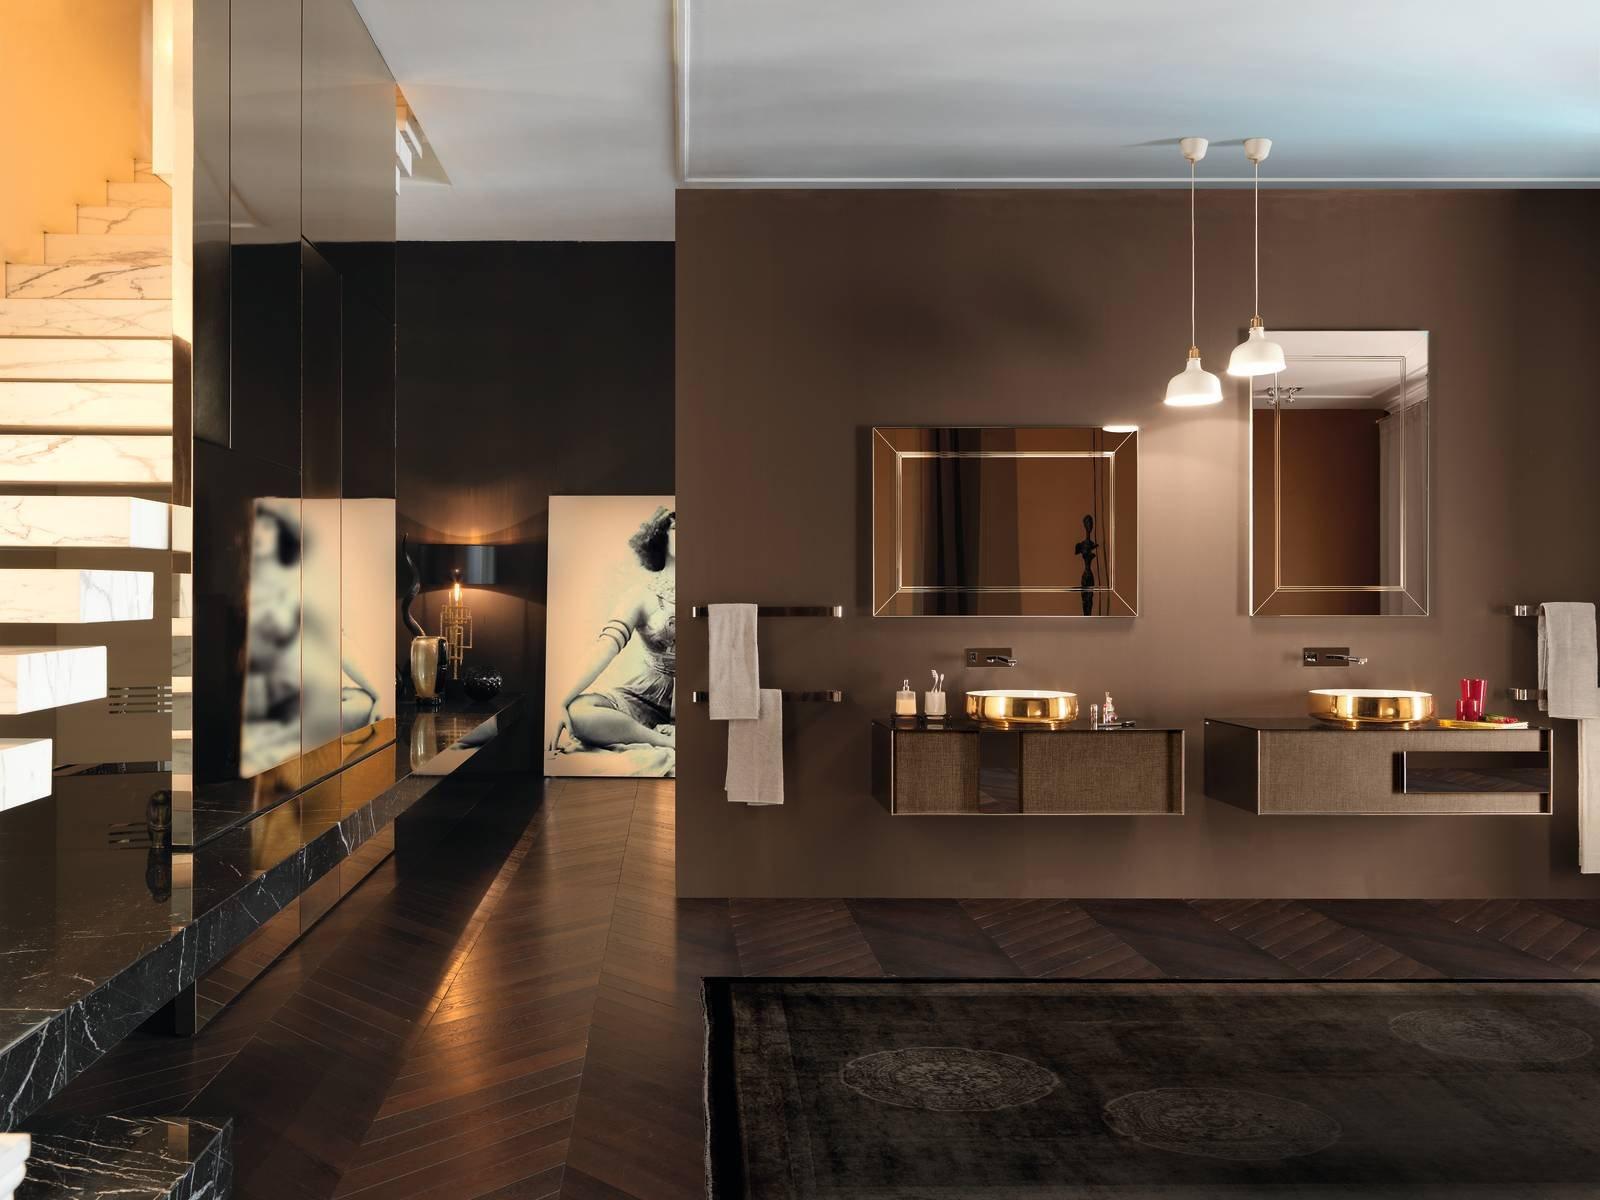 bagno accessori, arredamento e mobili - cose di casa - Bagno Di Casa